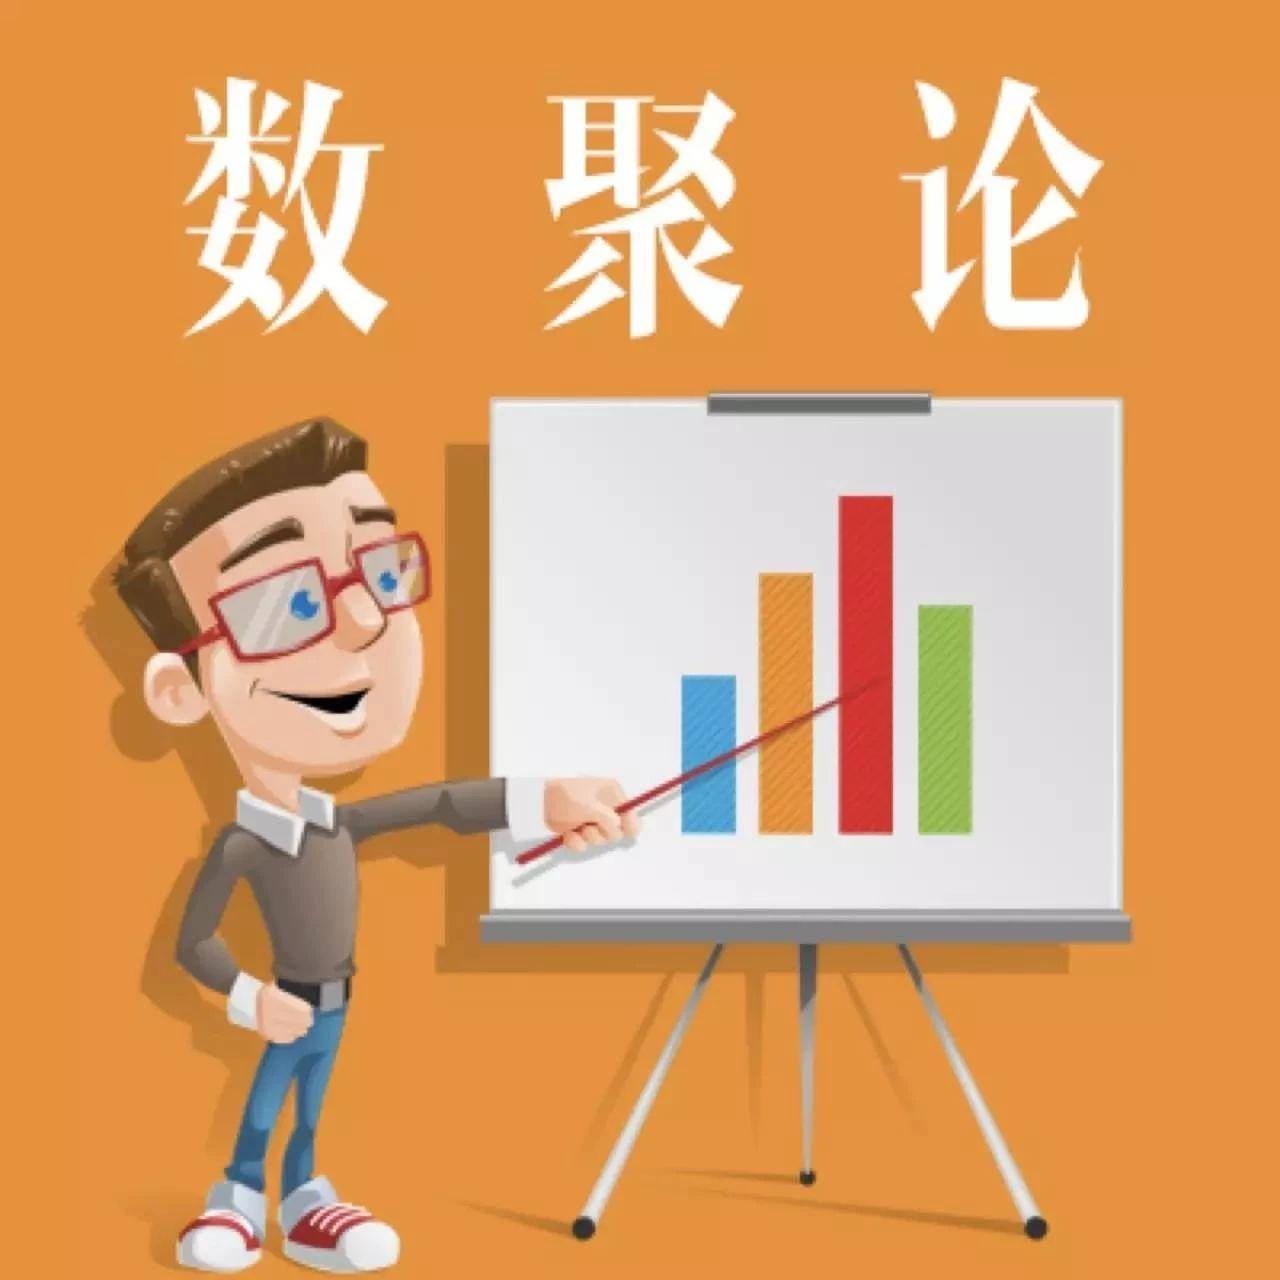 易观数聚论丨普强信息姜磊:大数据助力语音车联网行业升级